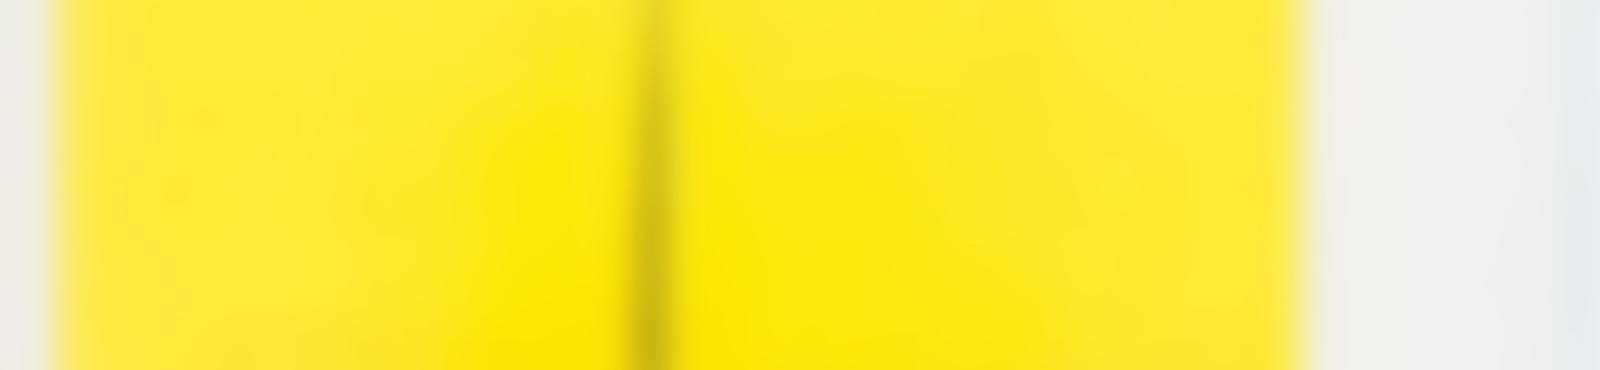 Blurred 704b082d 7f3c 4dbe 93cb 80d57109c112